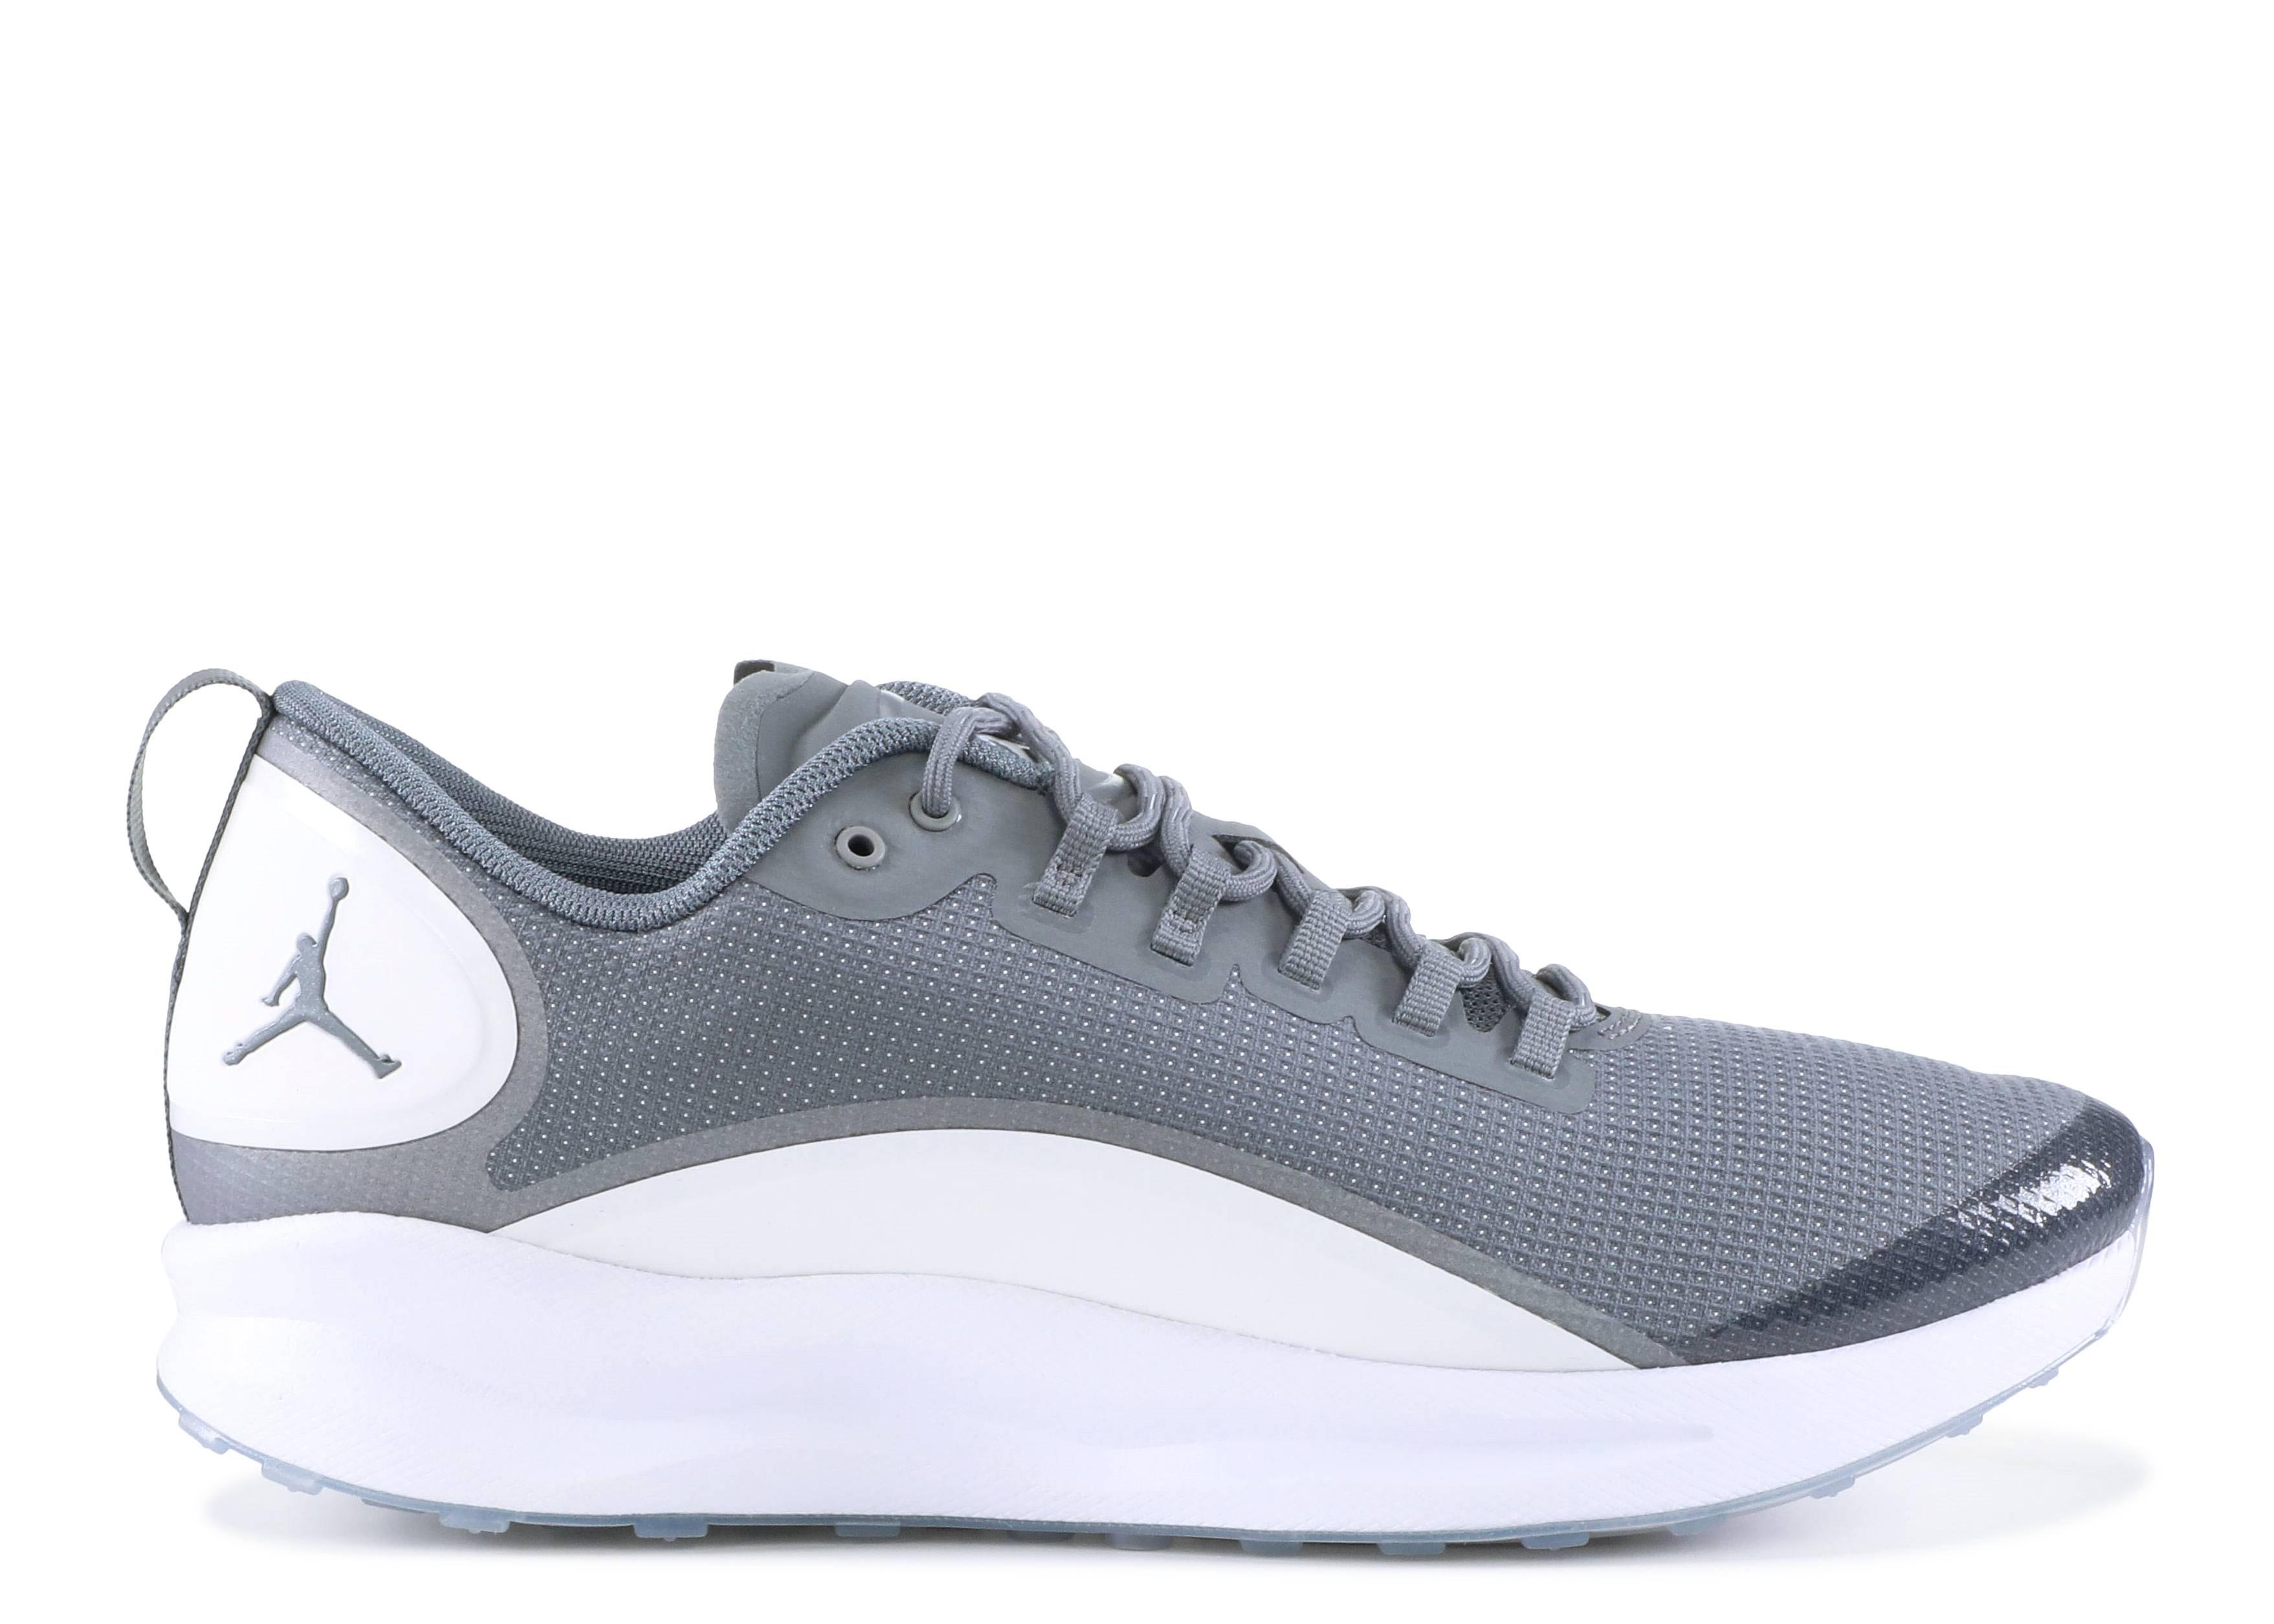 828f89e2c426ba Jordan Zoom Tenacity - Air Jordan - ah8111 003 - cool grey cool grey ...